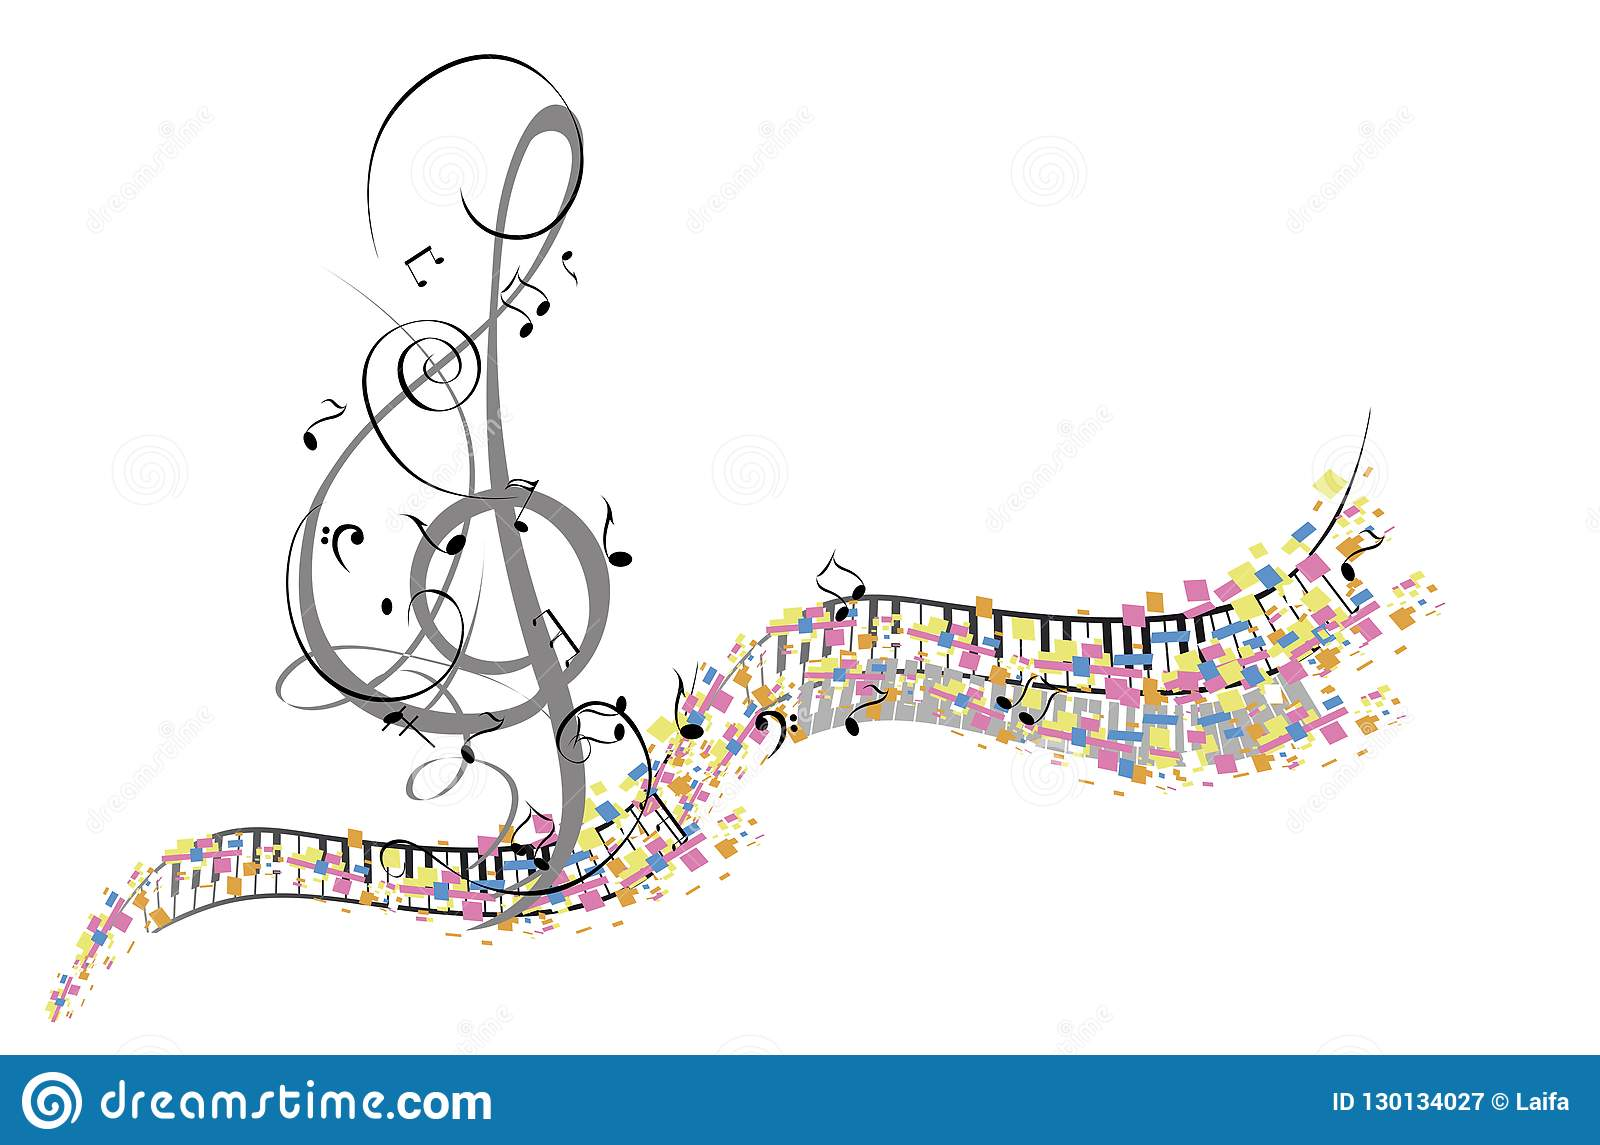 Abstract muzikaal ontwerp met een g-sleutel en muzikale golven